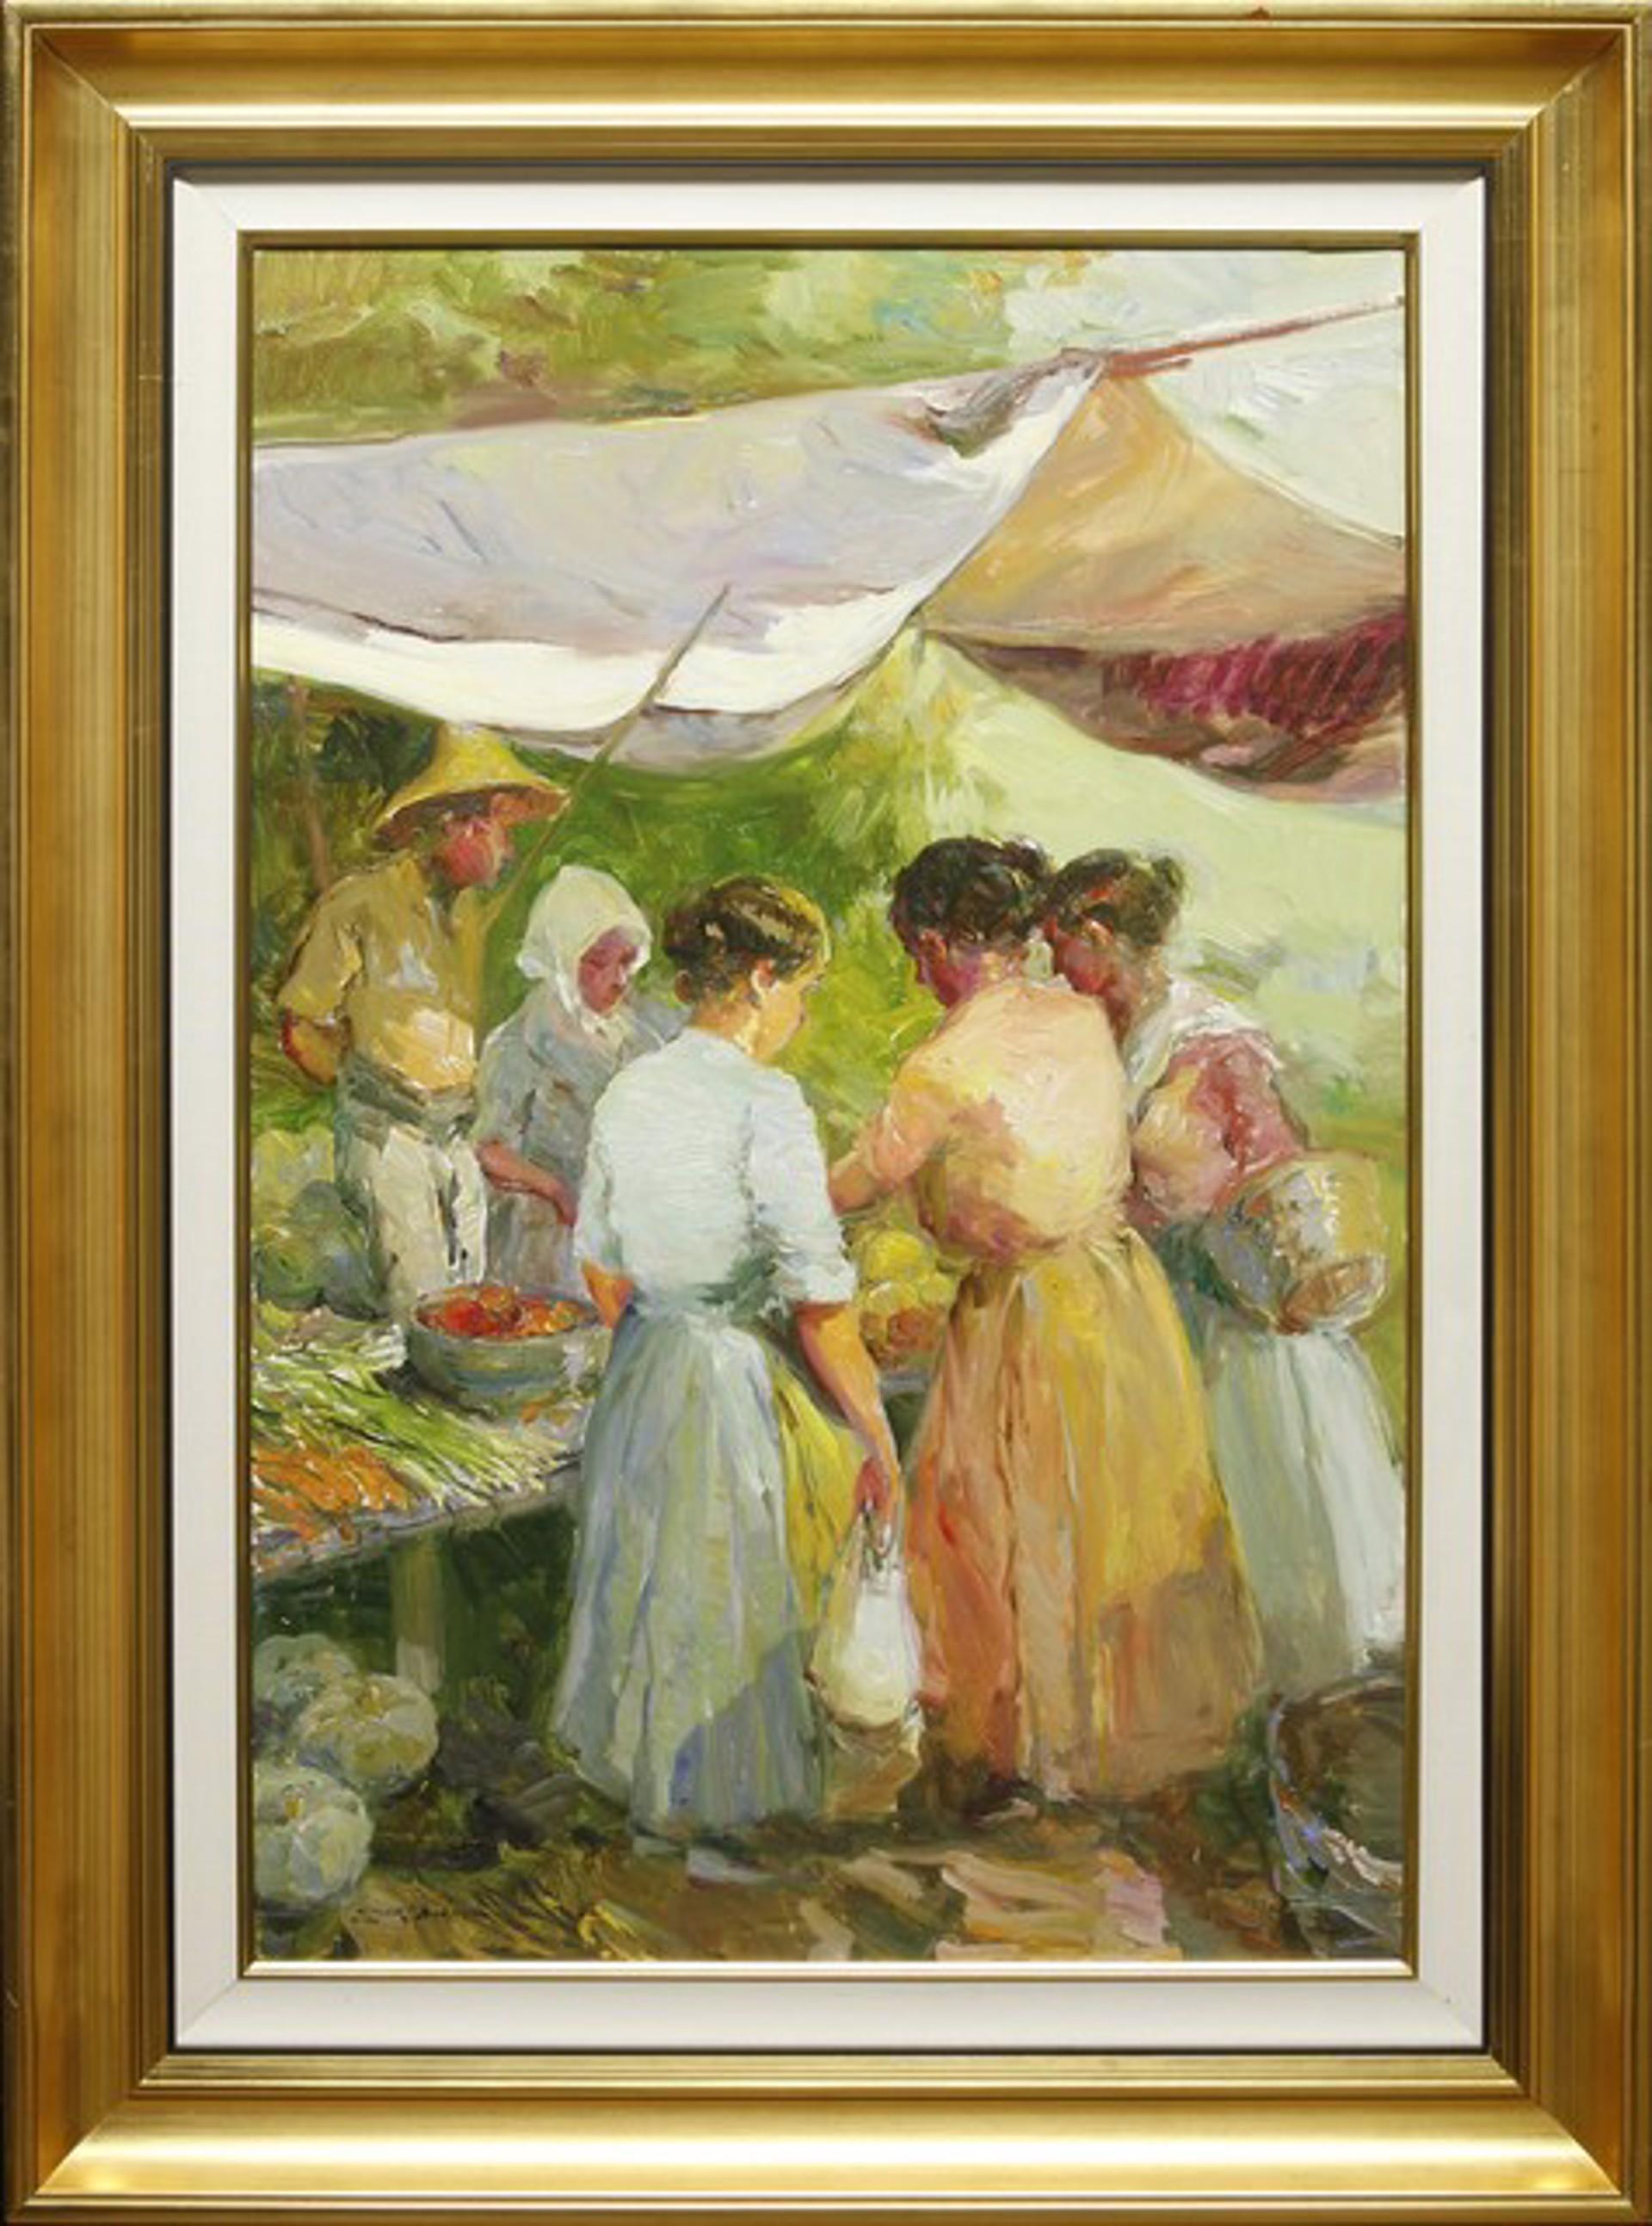 Mercado de Hortalizas (Vegetable Market by Giner Bueno